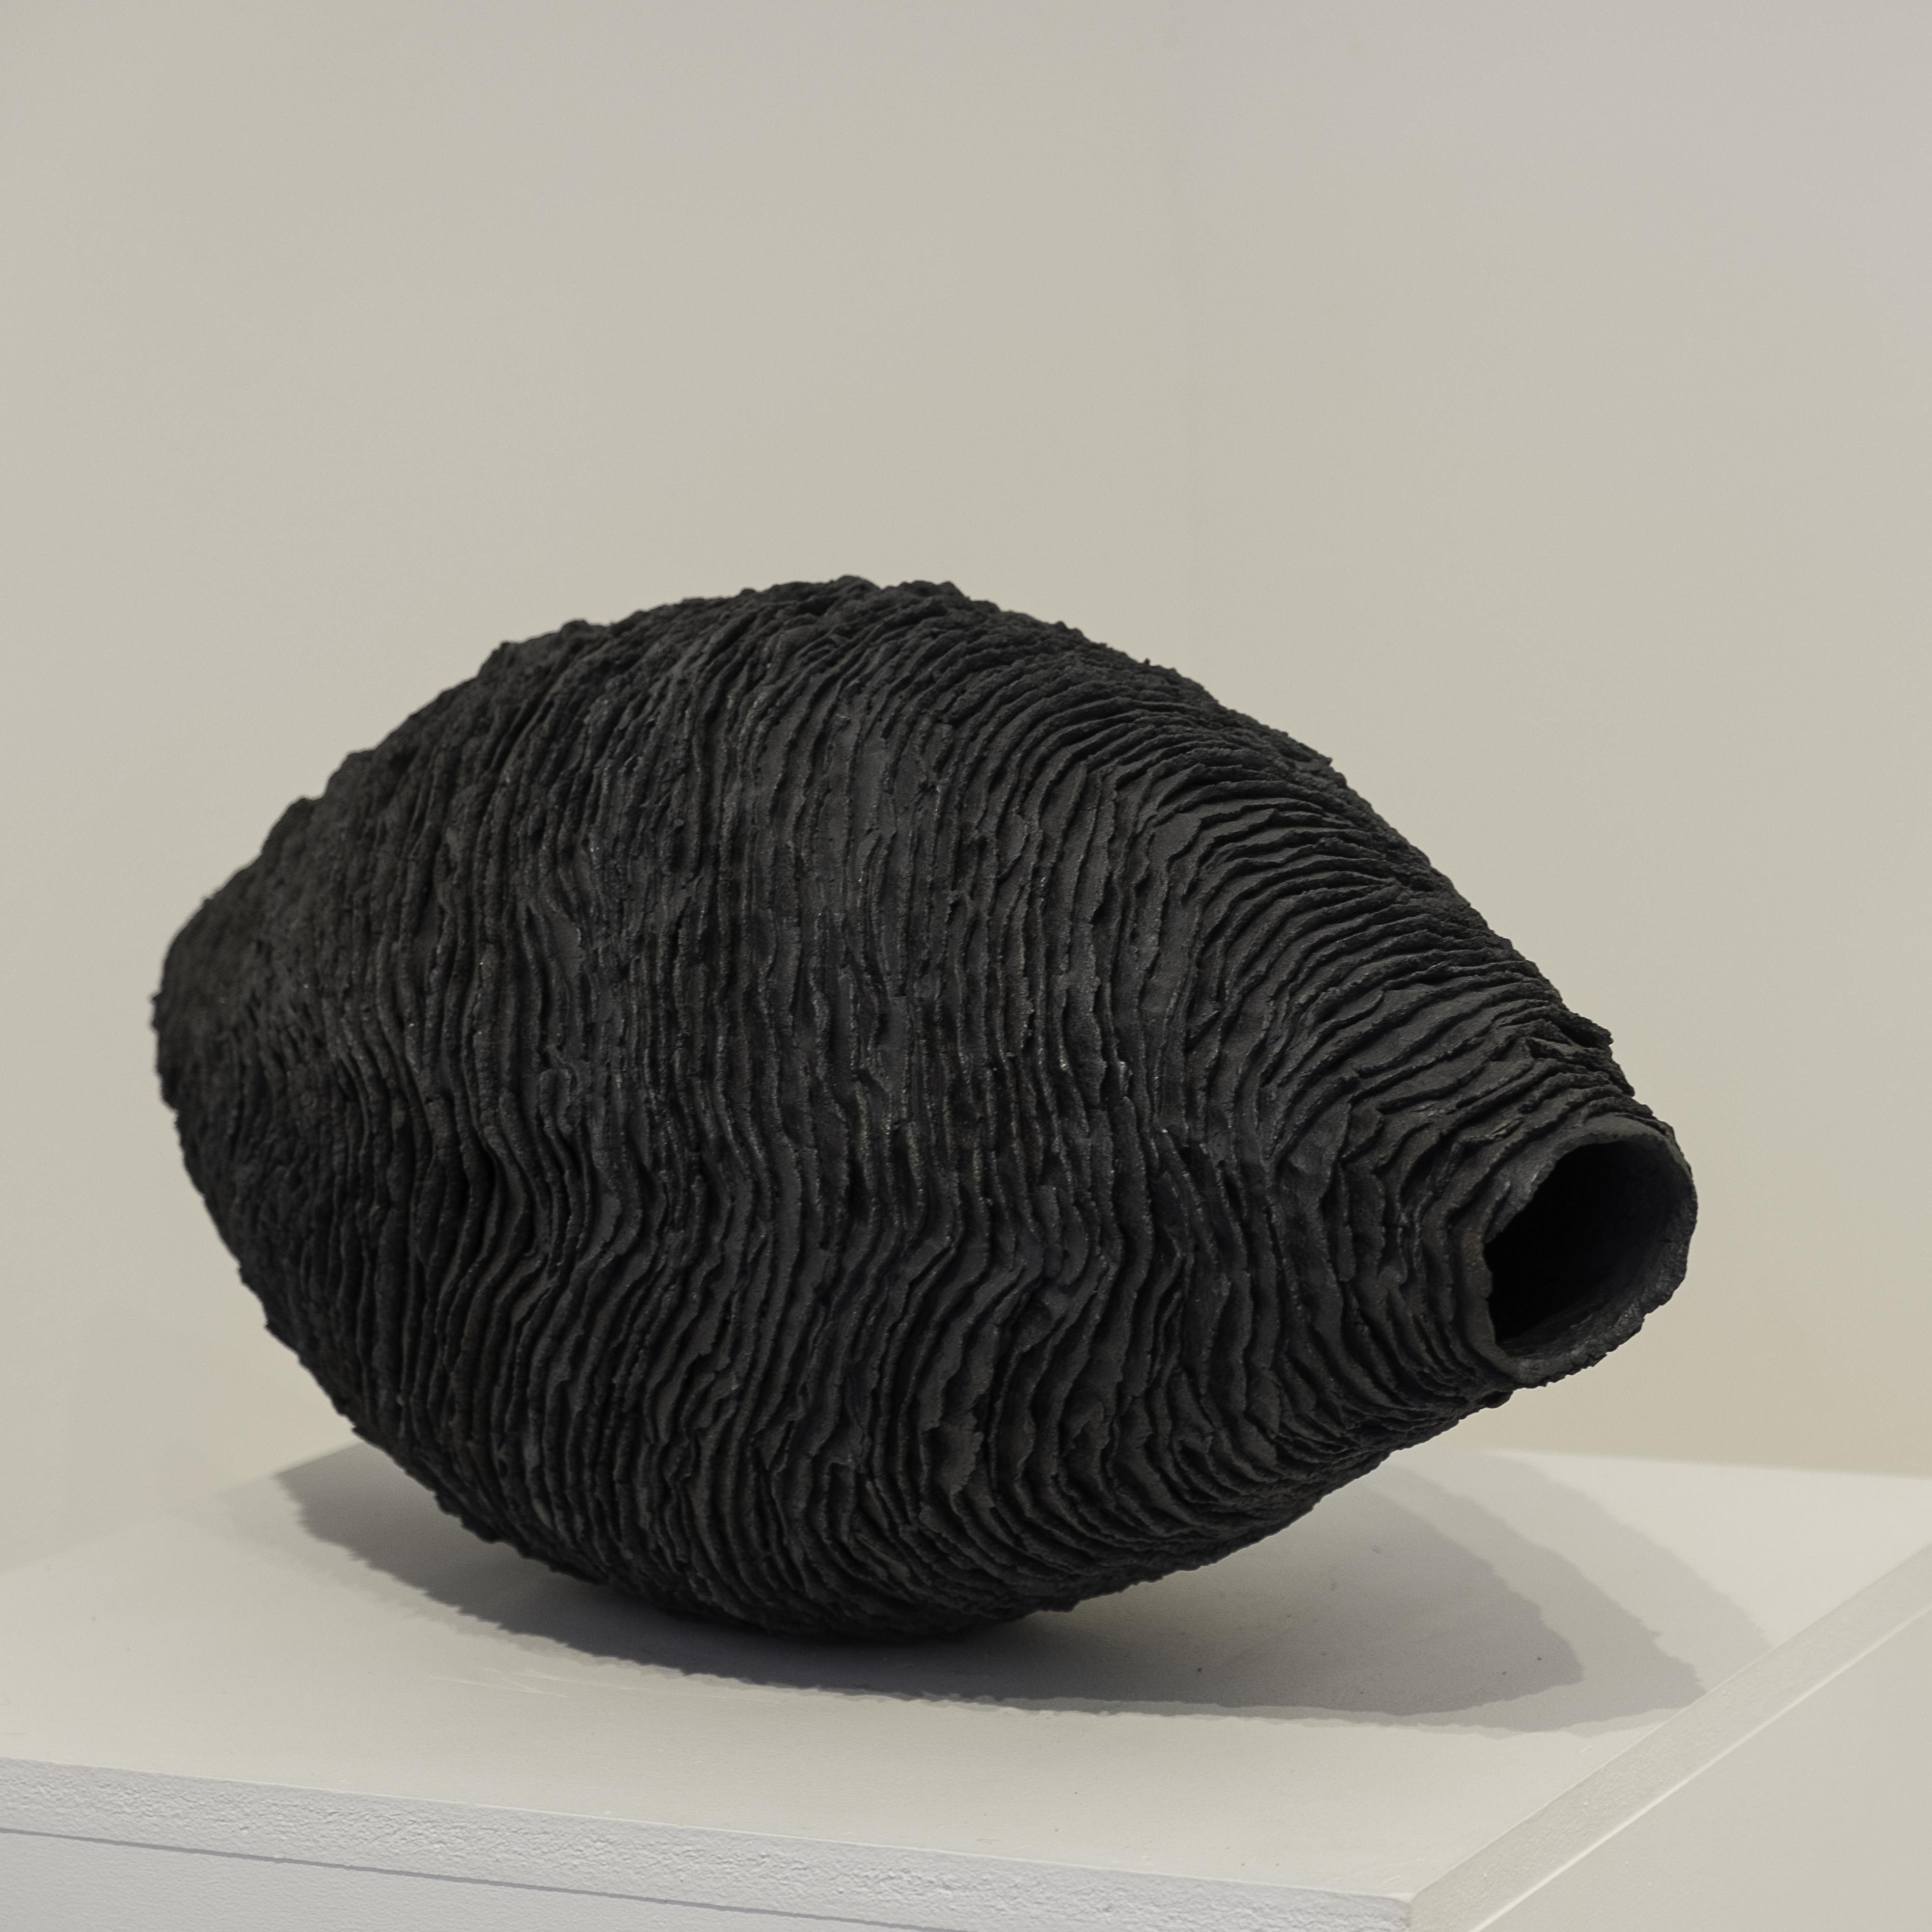 Isabelle Leclercq Sculpture Exposition